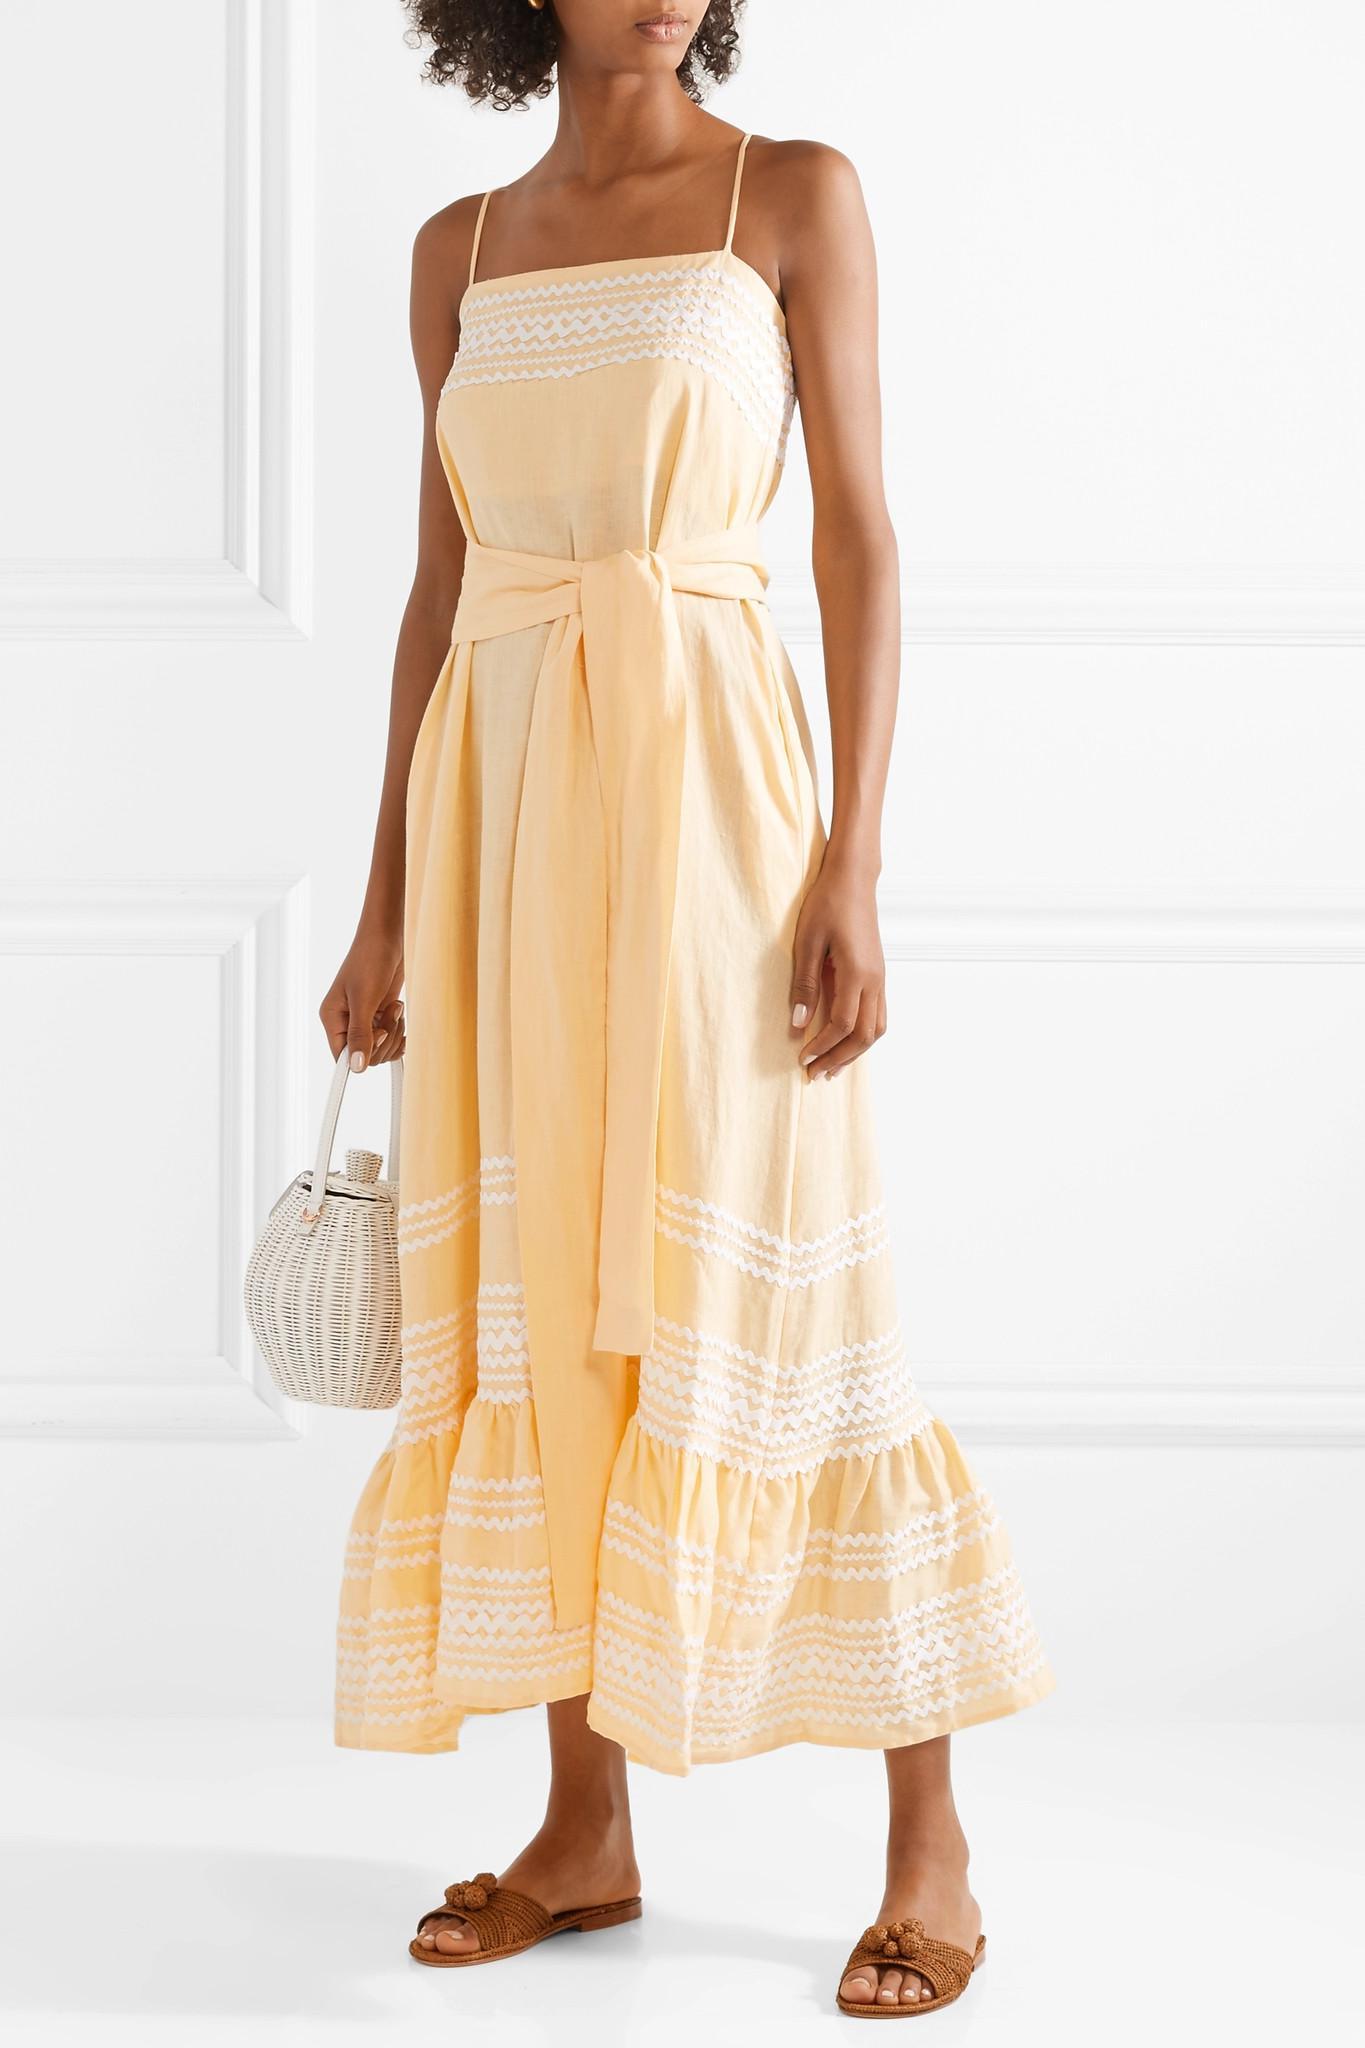 664be990a5 Lisa Marie Fernandez - Yellow Fiesta Rickrack-trimmed Linen Dress - Lyst.  View fullscreen